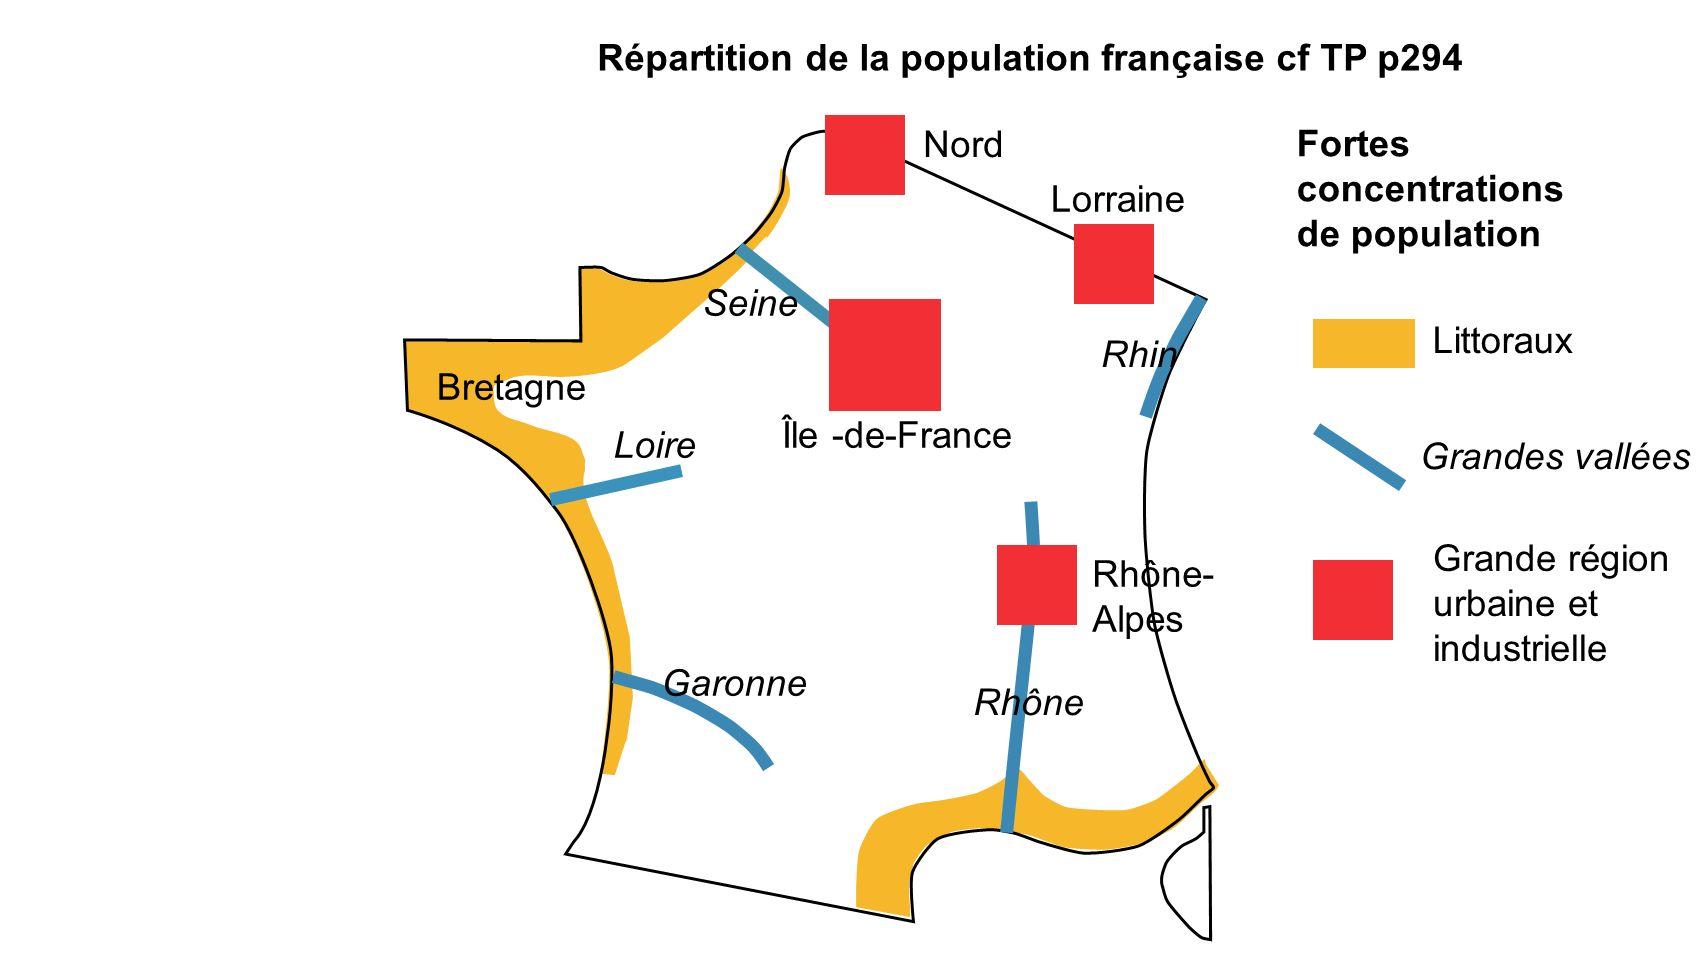 Nord Lorraine Seine Loire Rhône Rhin Île -de-France Bretagne Rhône- Alpes Littoraux Grandes vallées Grande région urbaine et industrielle Fortes conce